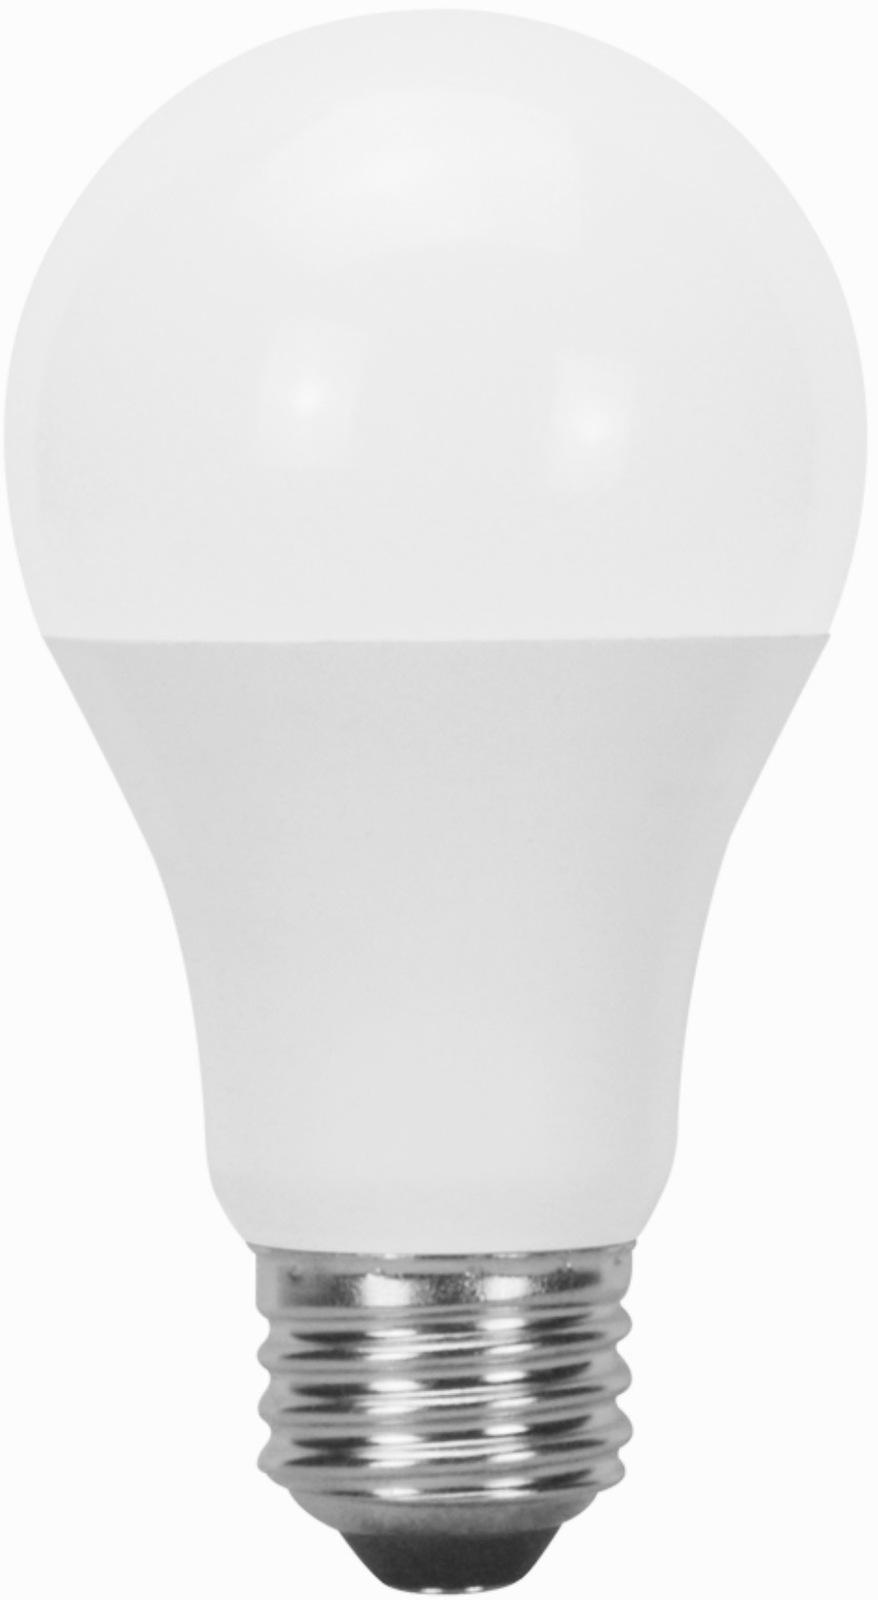 Utilitech Light Bulb 5 Listings